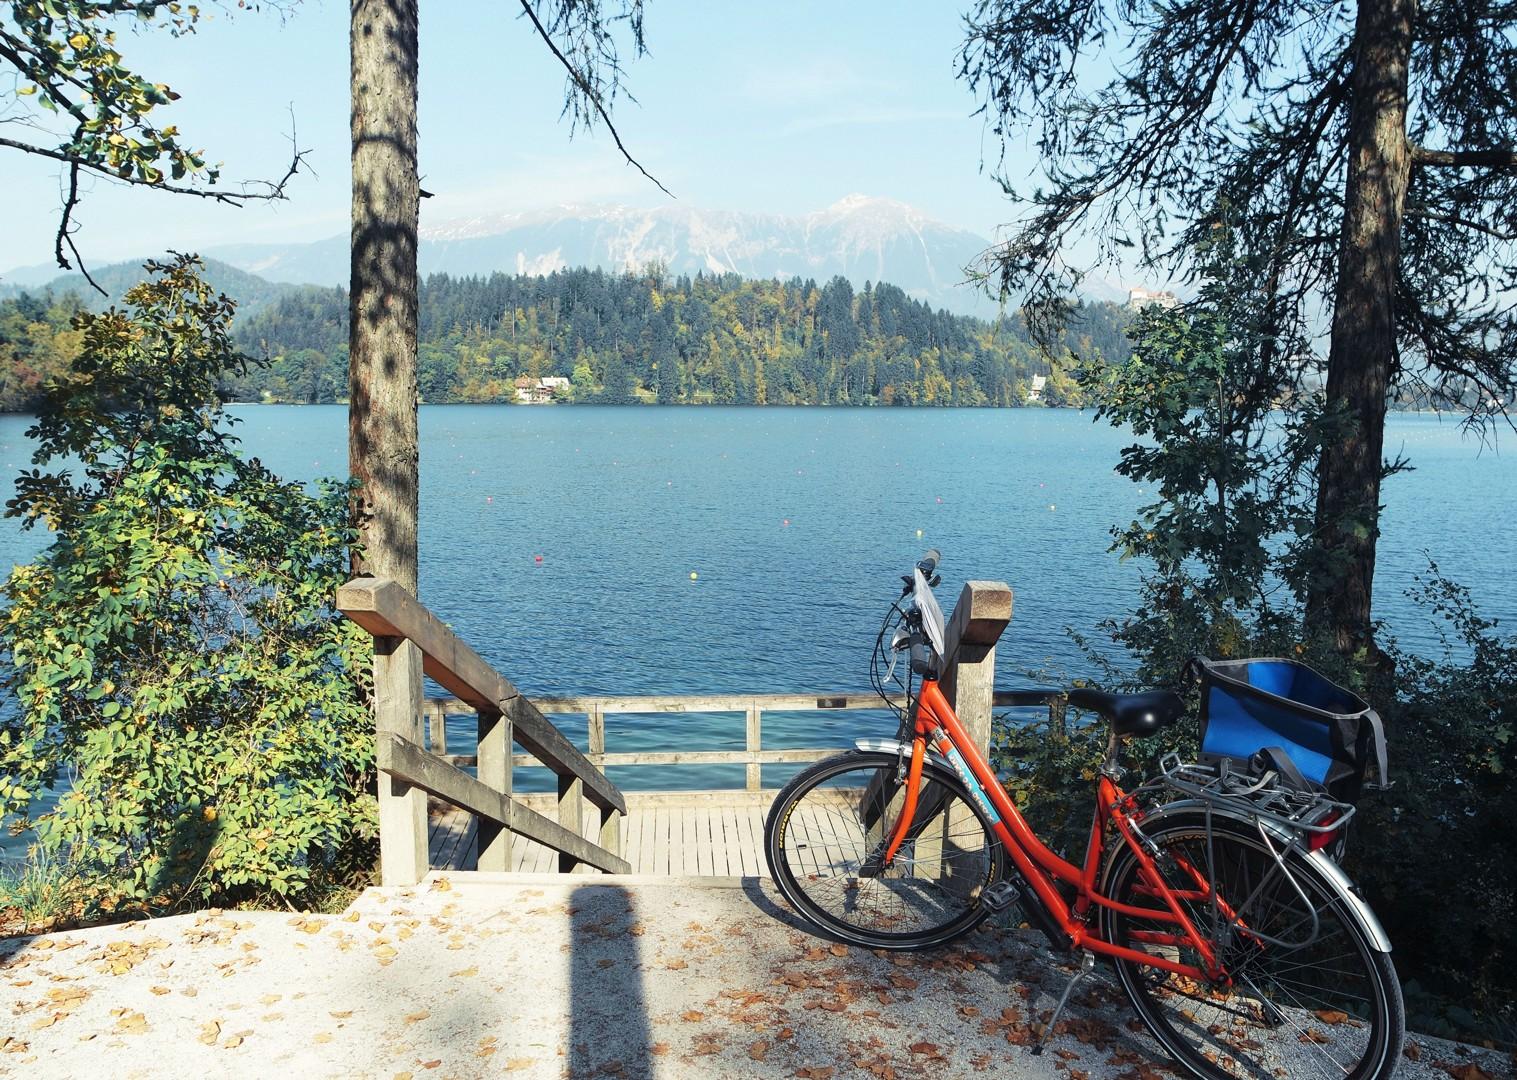 vintgar-and-pokljuka-gorges-cycling-holiday-lake-bled-slovenia.JPG - Slovenia - Highlights of Lake Bled - Self-Guided Leisure Cycling Holiday - Leisure Cycling